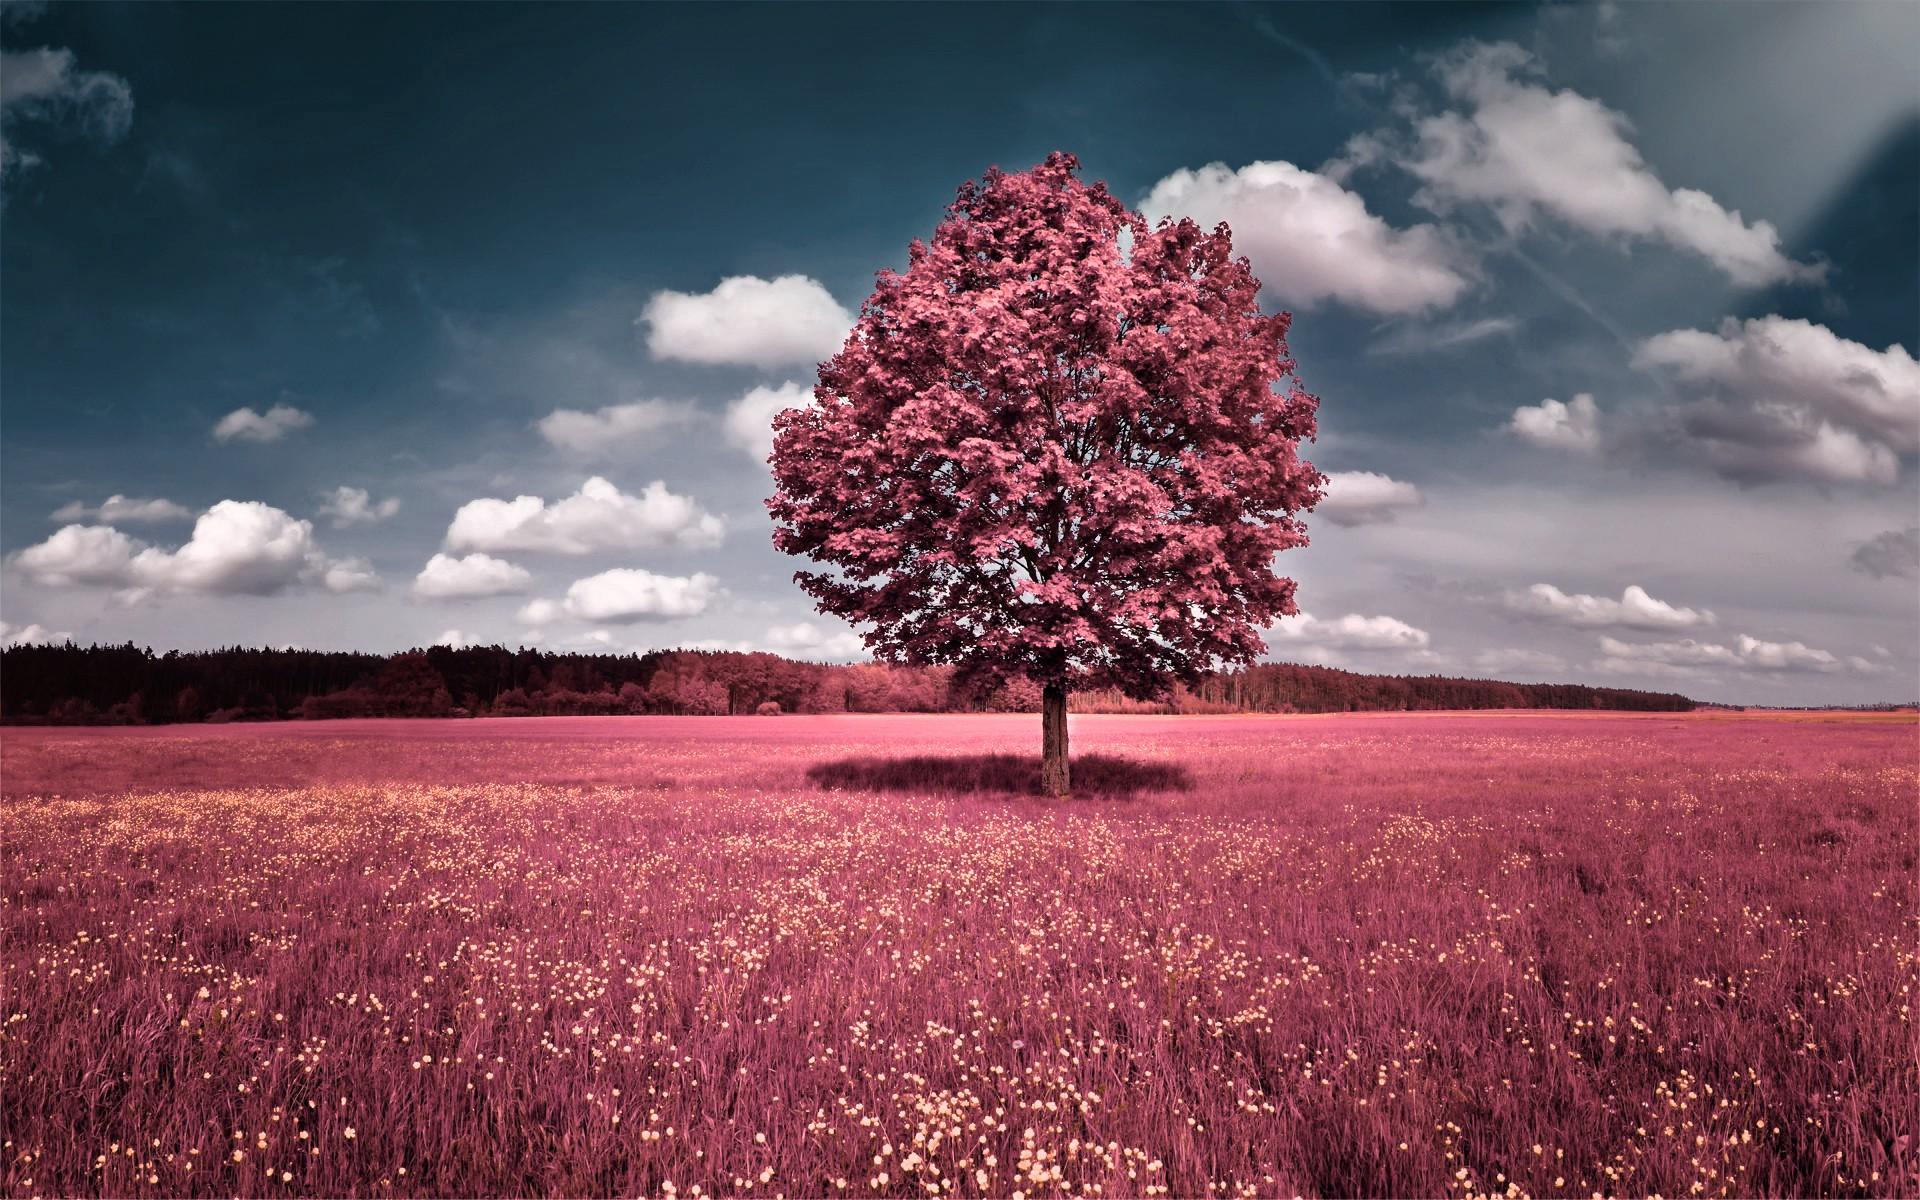 Pink Full HD Desktop Wallpaper   Wallpaper High Definition High 1920x1200